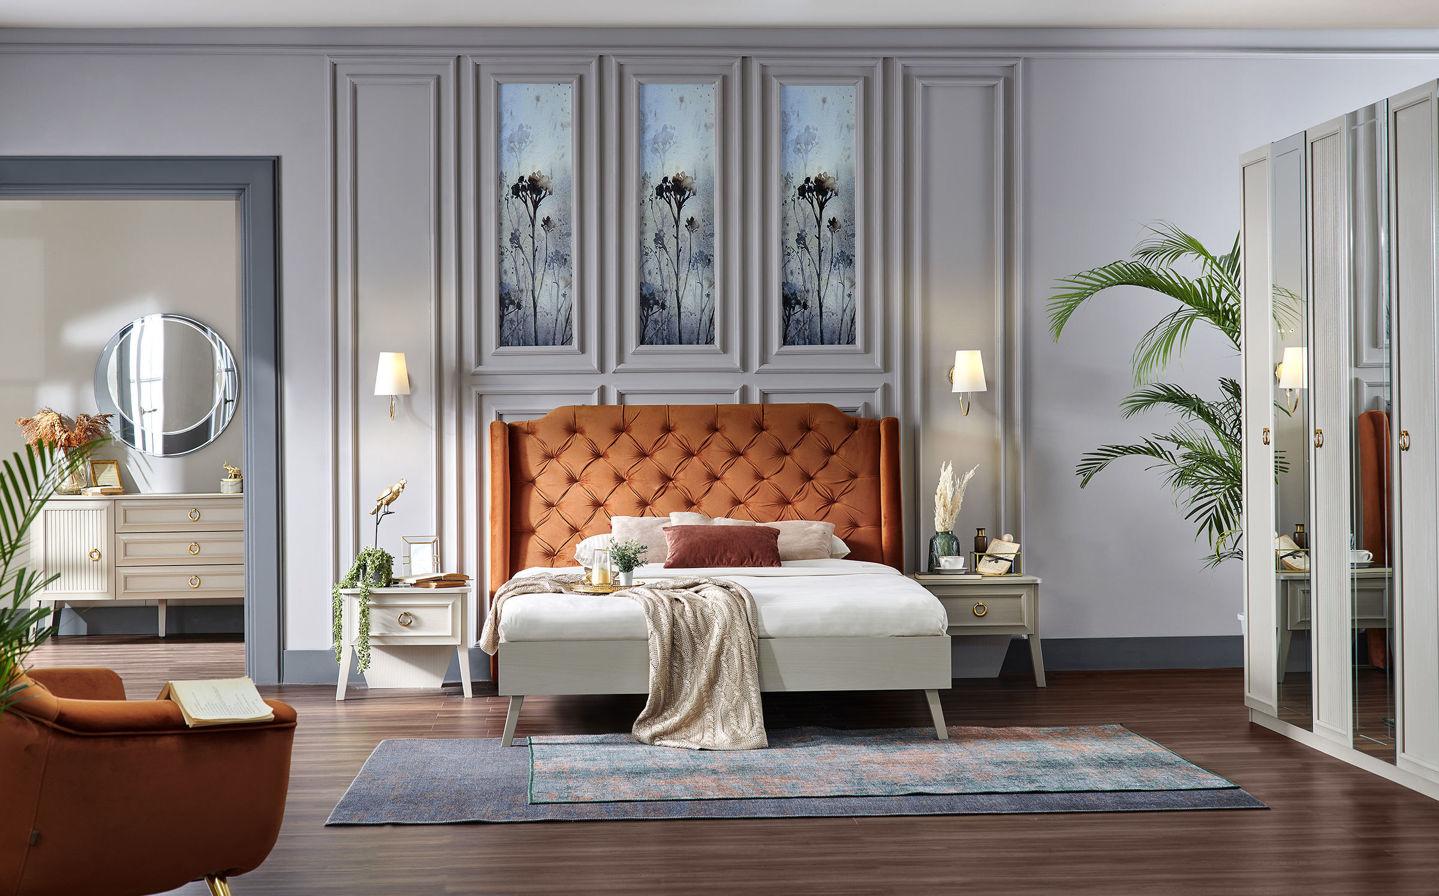 Essen Yatak Odası